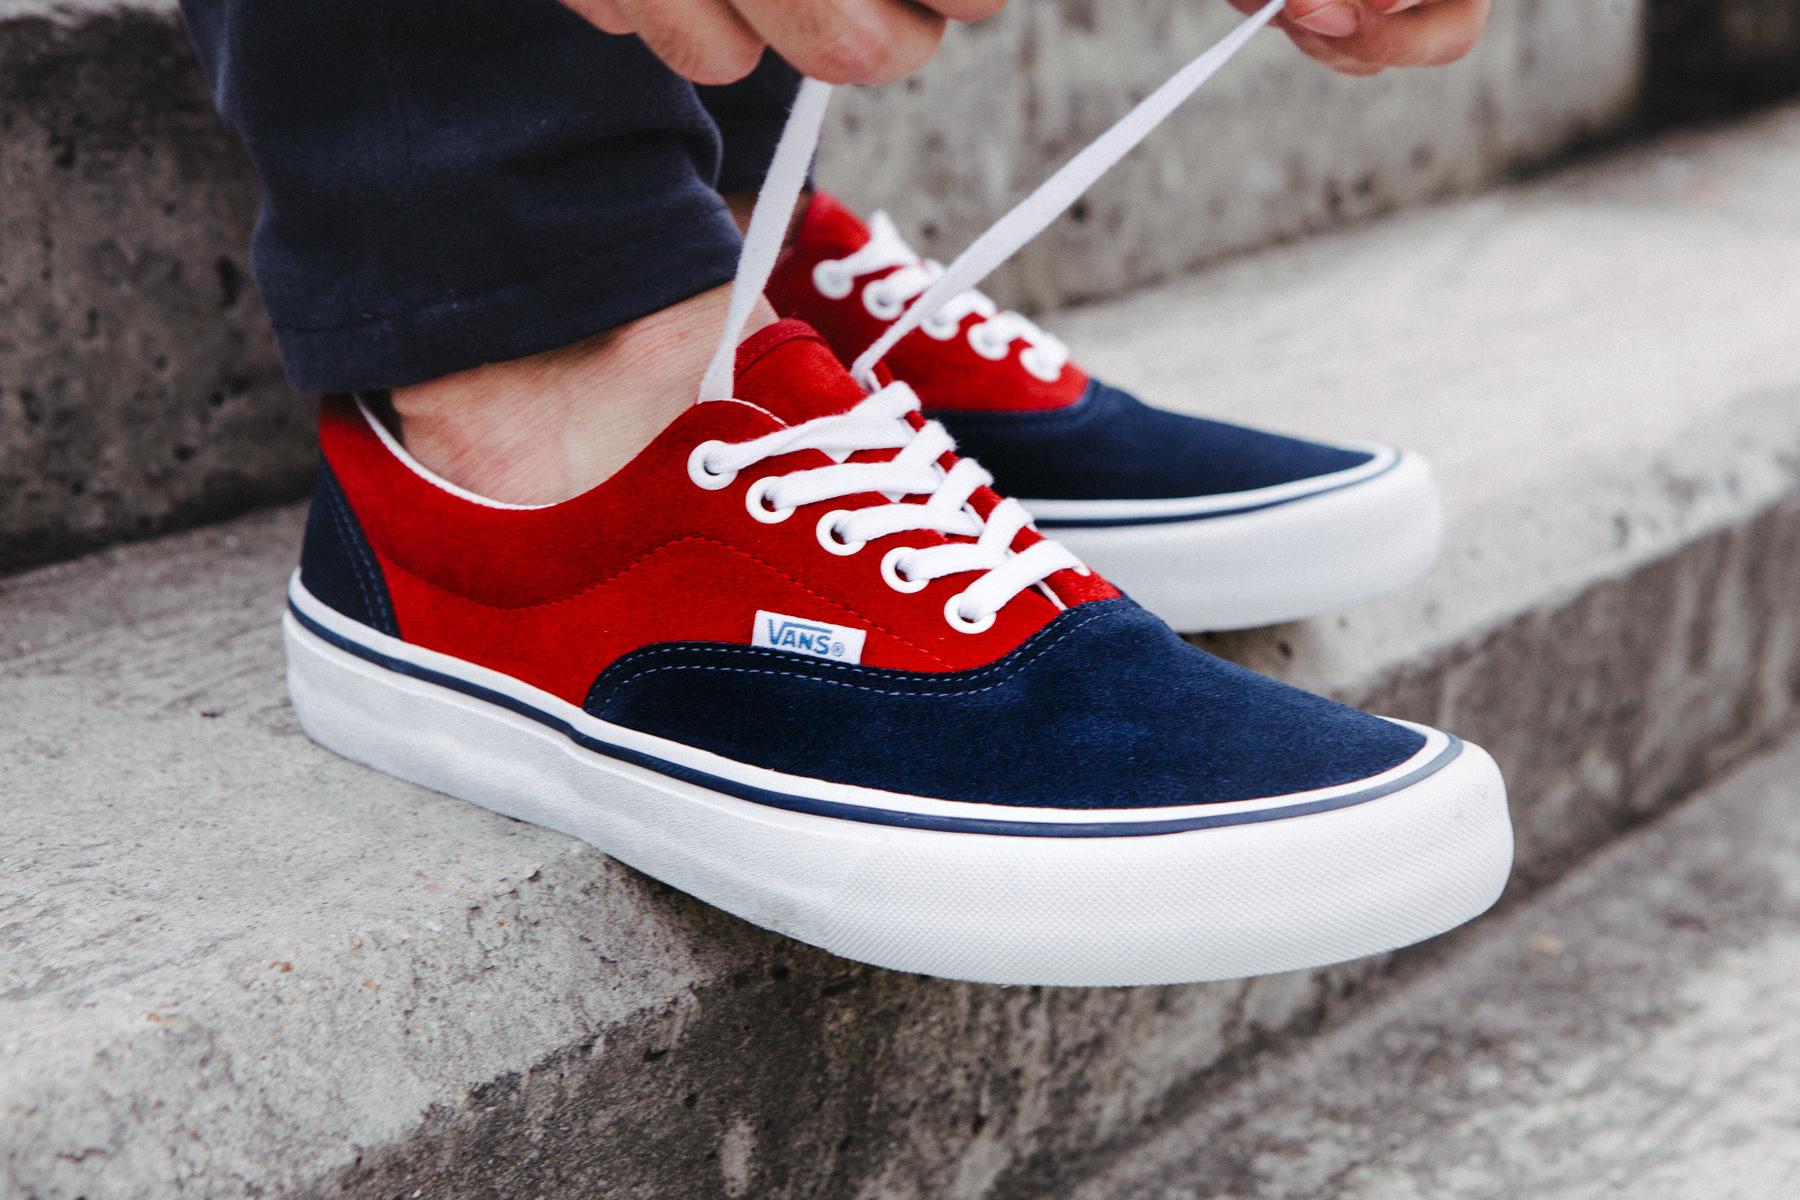 Причины популярности одежды и обуви Vans